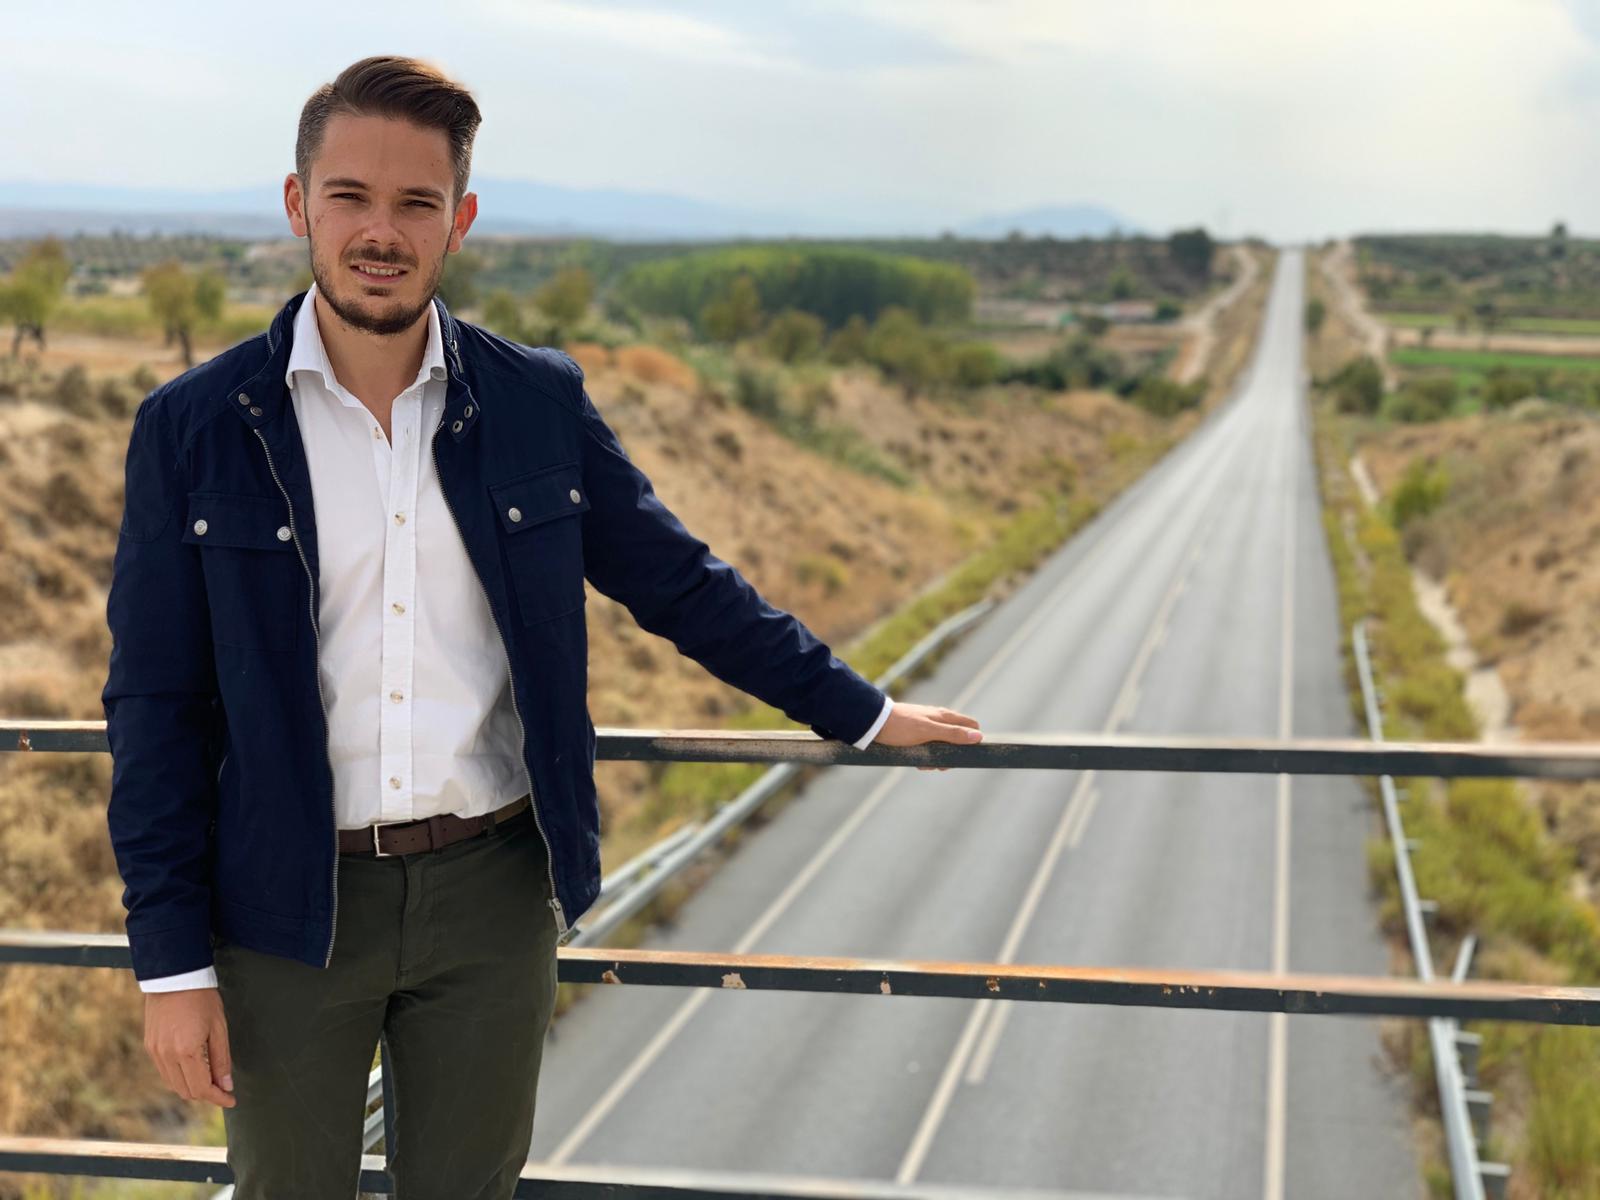 Ciudadanos reivindica en el Senado una conexión digna con el Levante a través de la Zona Norte de Granada